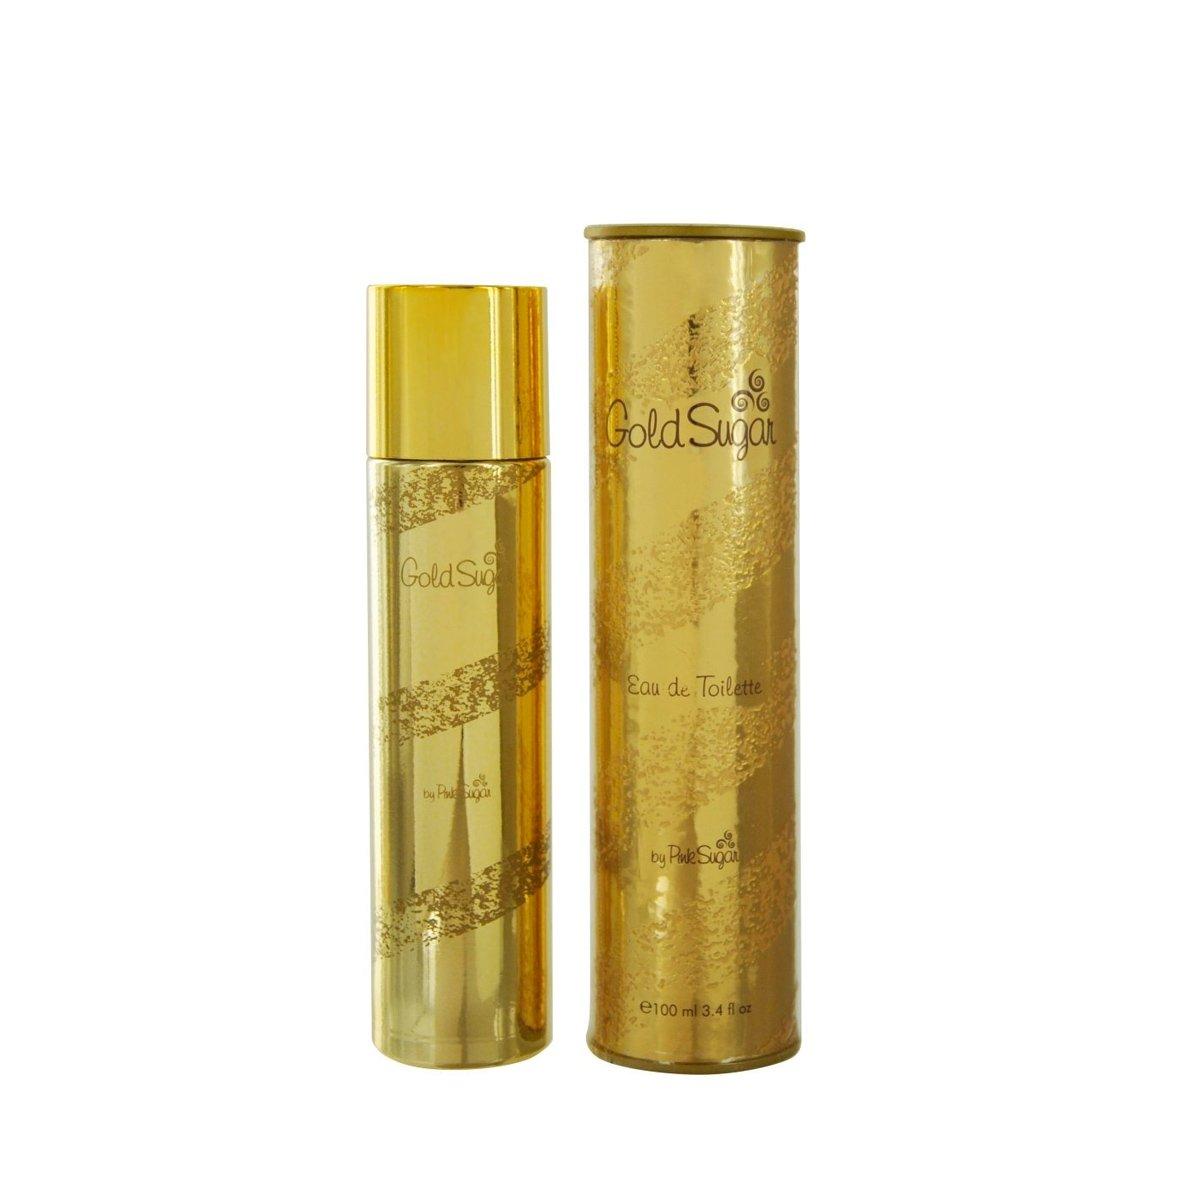 Eau de toilette Gold Sugar - 50 ml PINK SUGAR PF 055